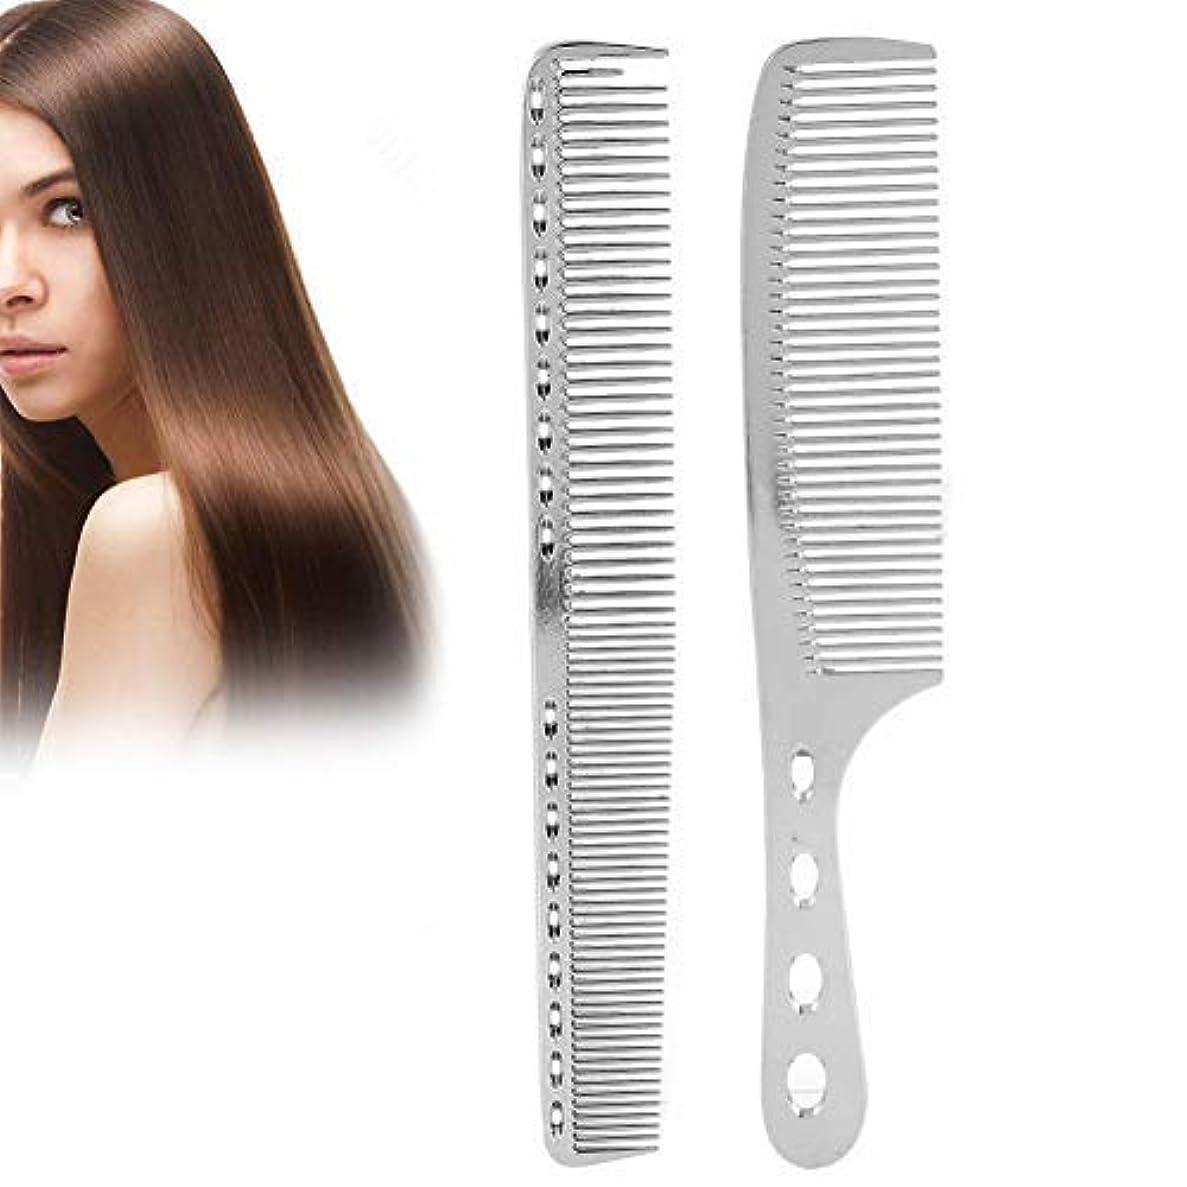 指令道路咲くProfessional Styling Comb, 2Pcs / set Hair Comb Space Aluminum Stainless Steel Antistatic Sparse Haircut Comb...